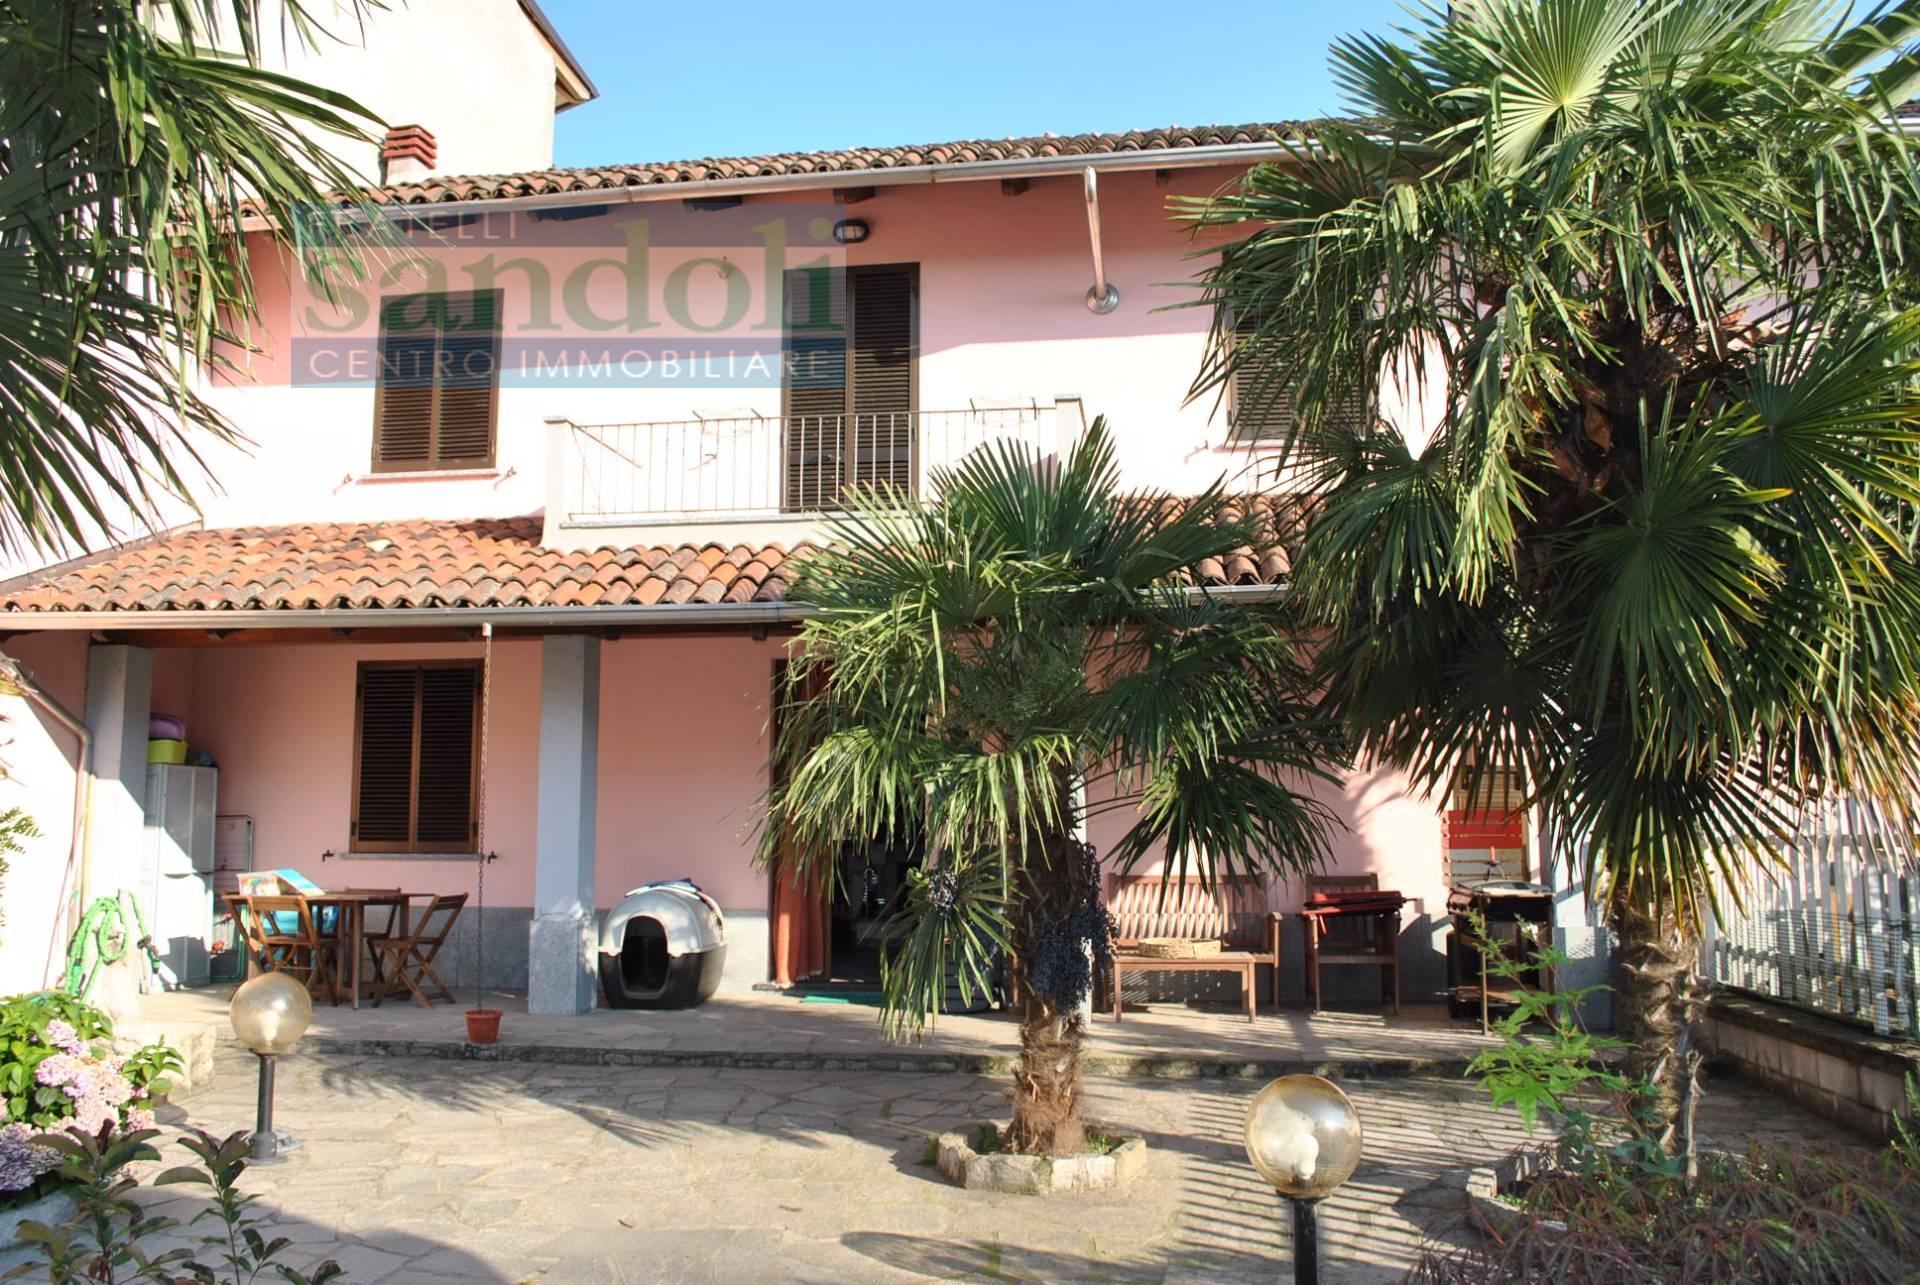 Bilocale Vercelli Via W. Manzone 1